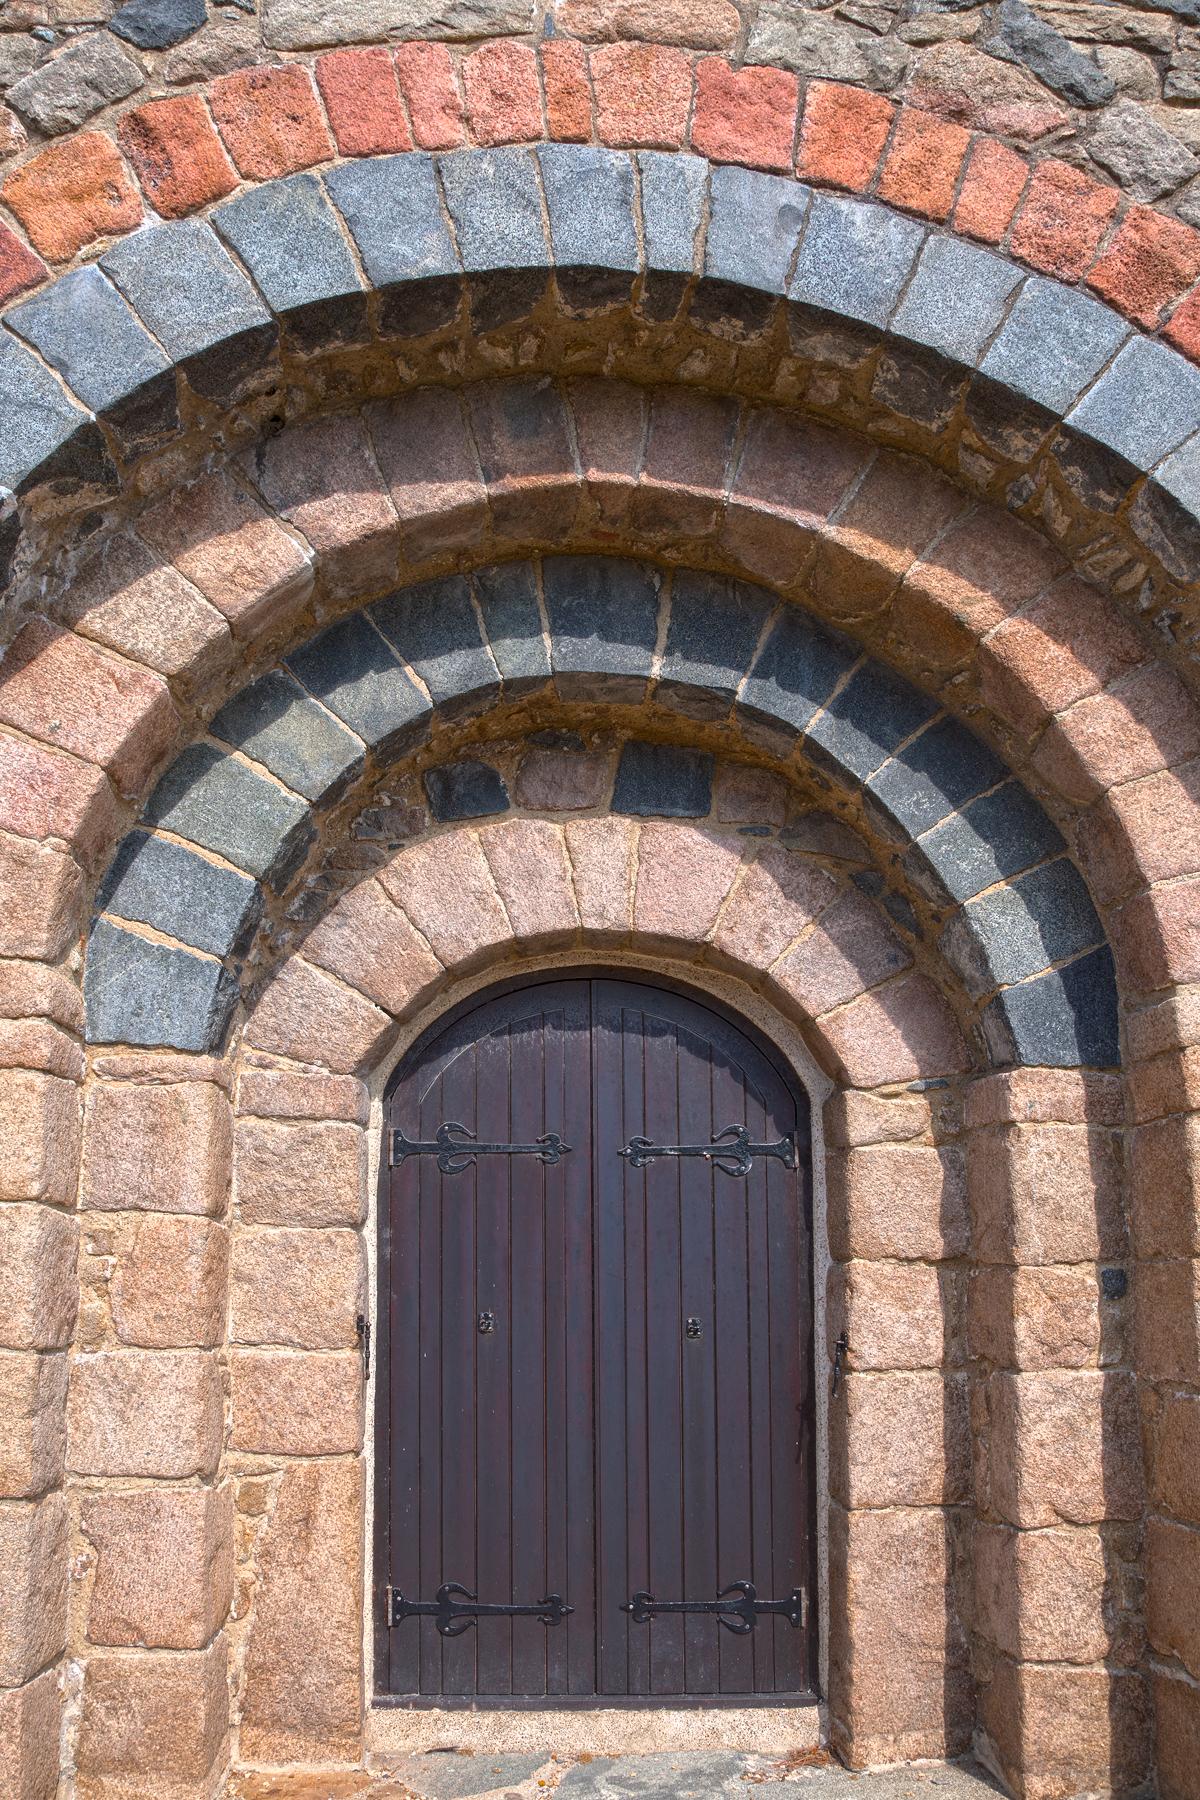 Church door - hdr photo